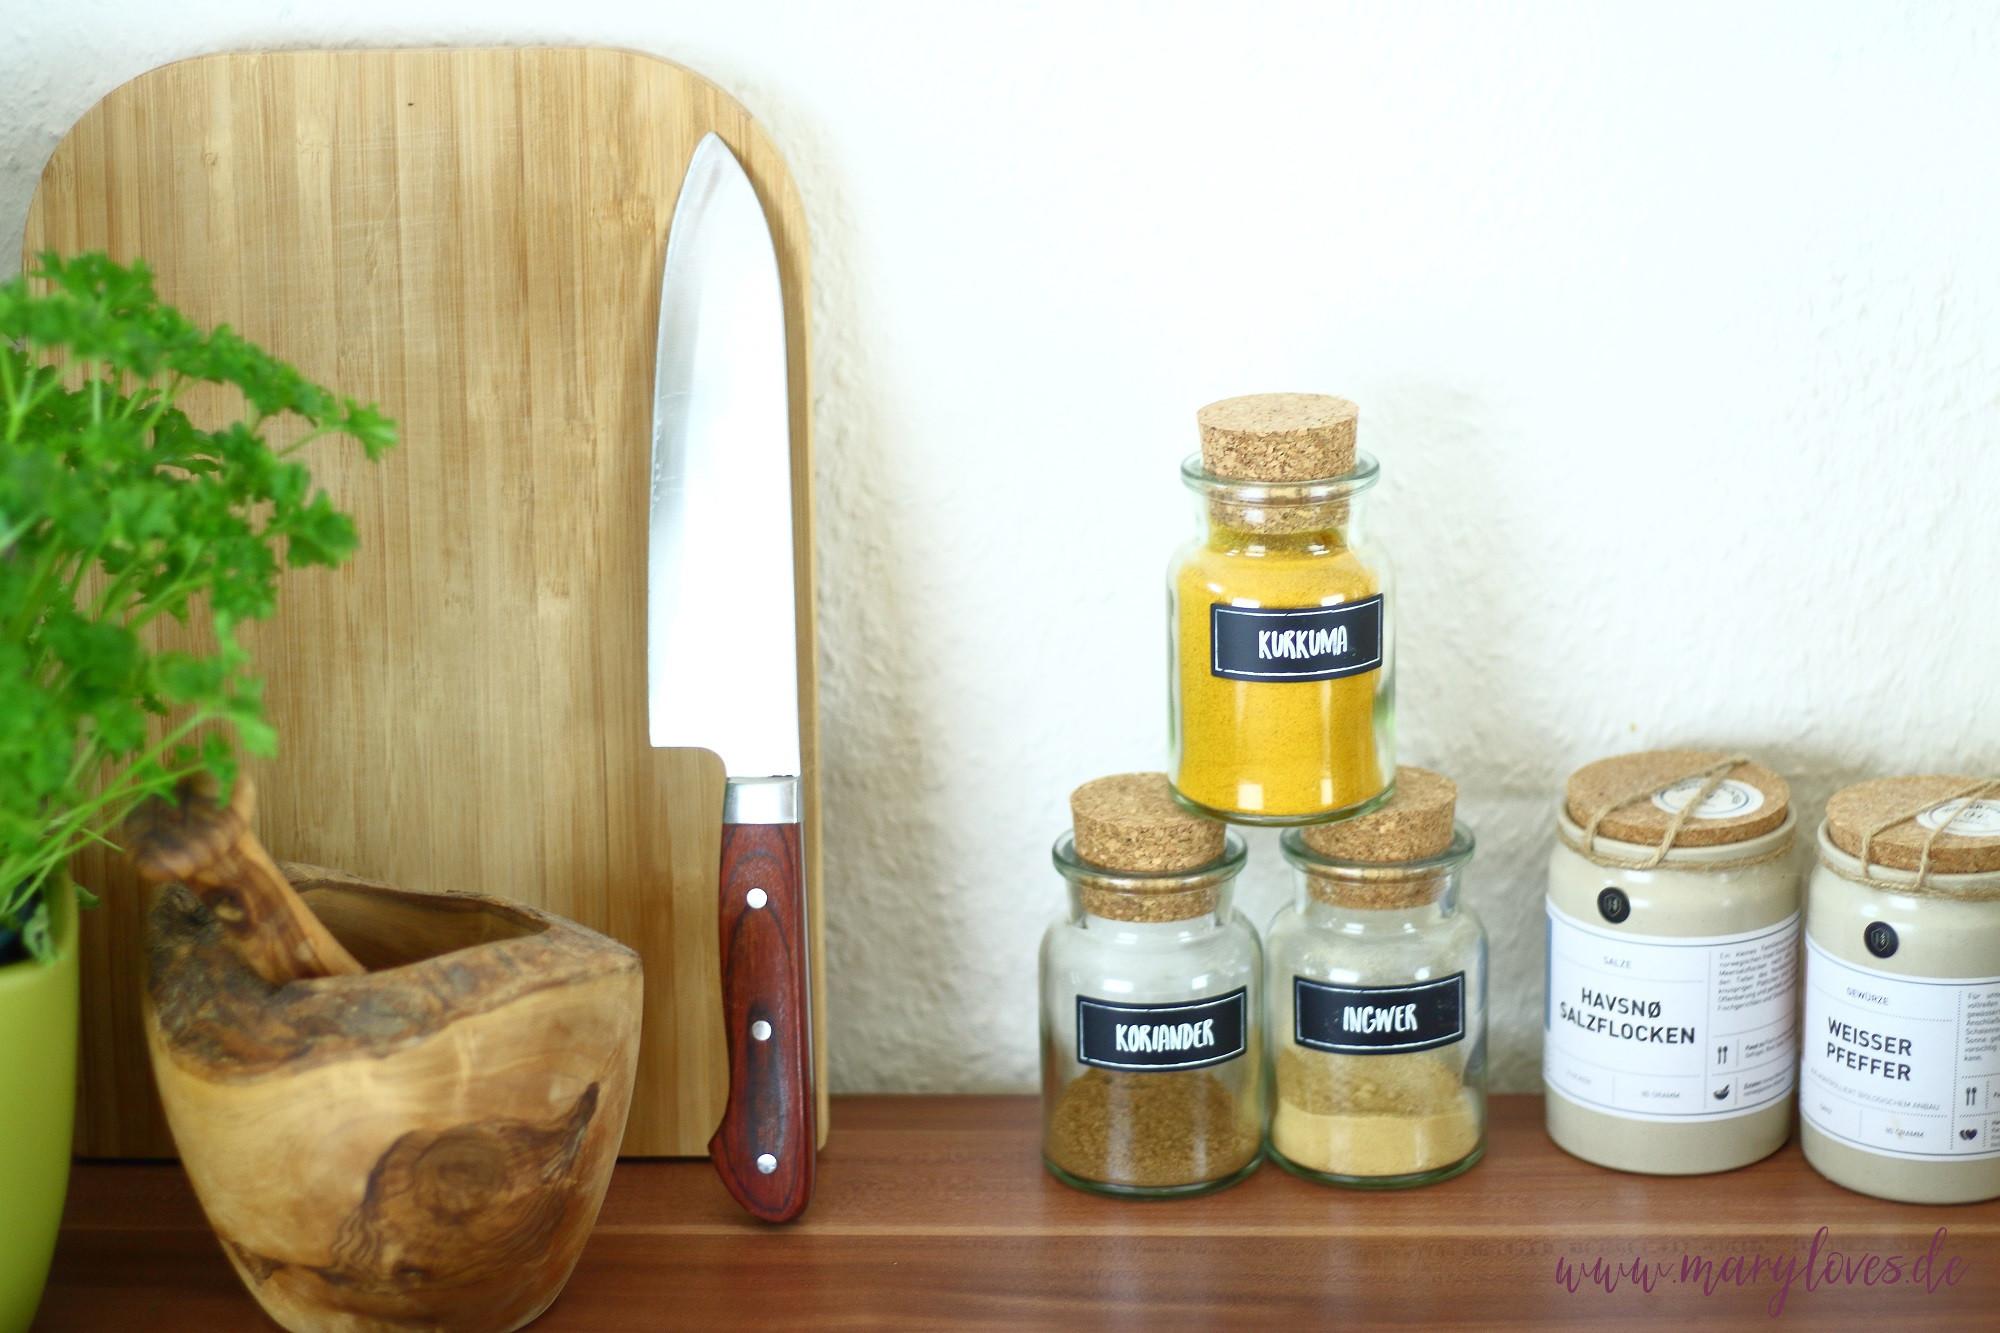 Nachhaltige Küche - Vorratshaltung in Gläsern und Natürlichkeit durch Holzprodukte